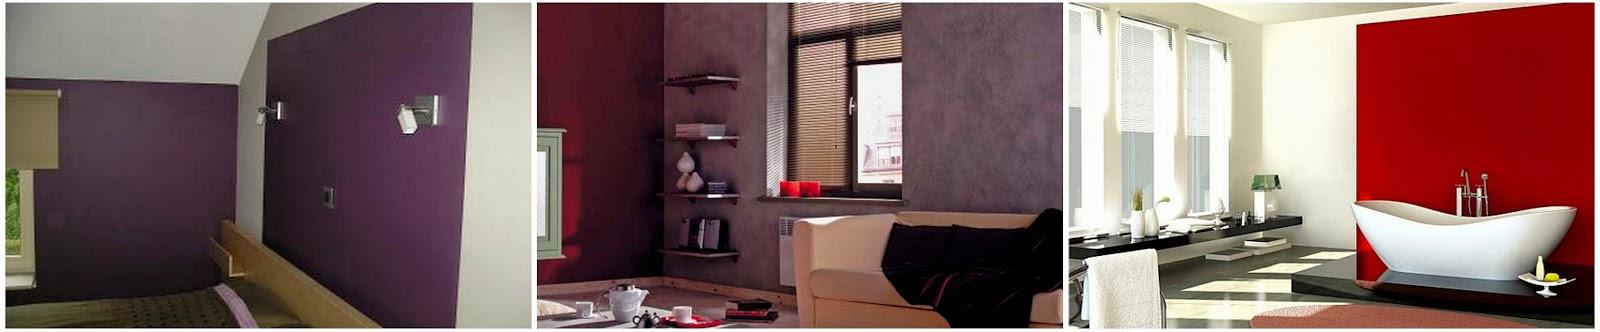 travaux peintre murs paris peintre professionnel cesu. Black Bedroom Furniture Sets. Home Design Ideas